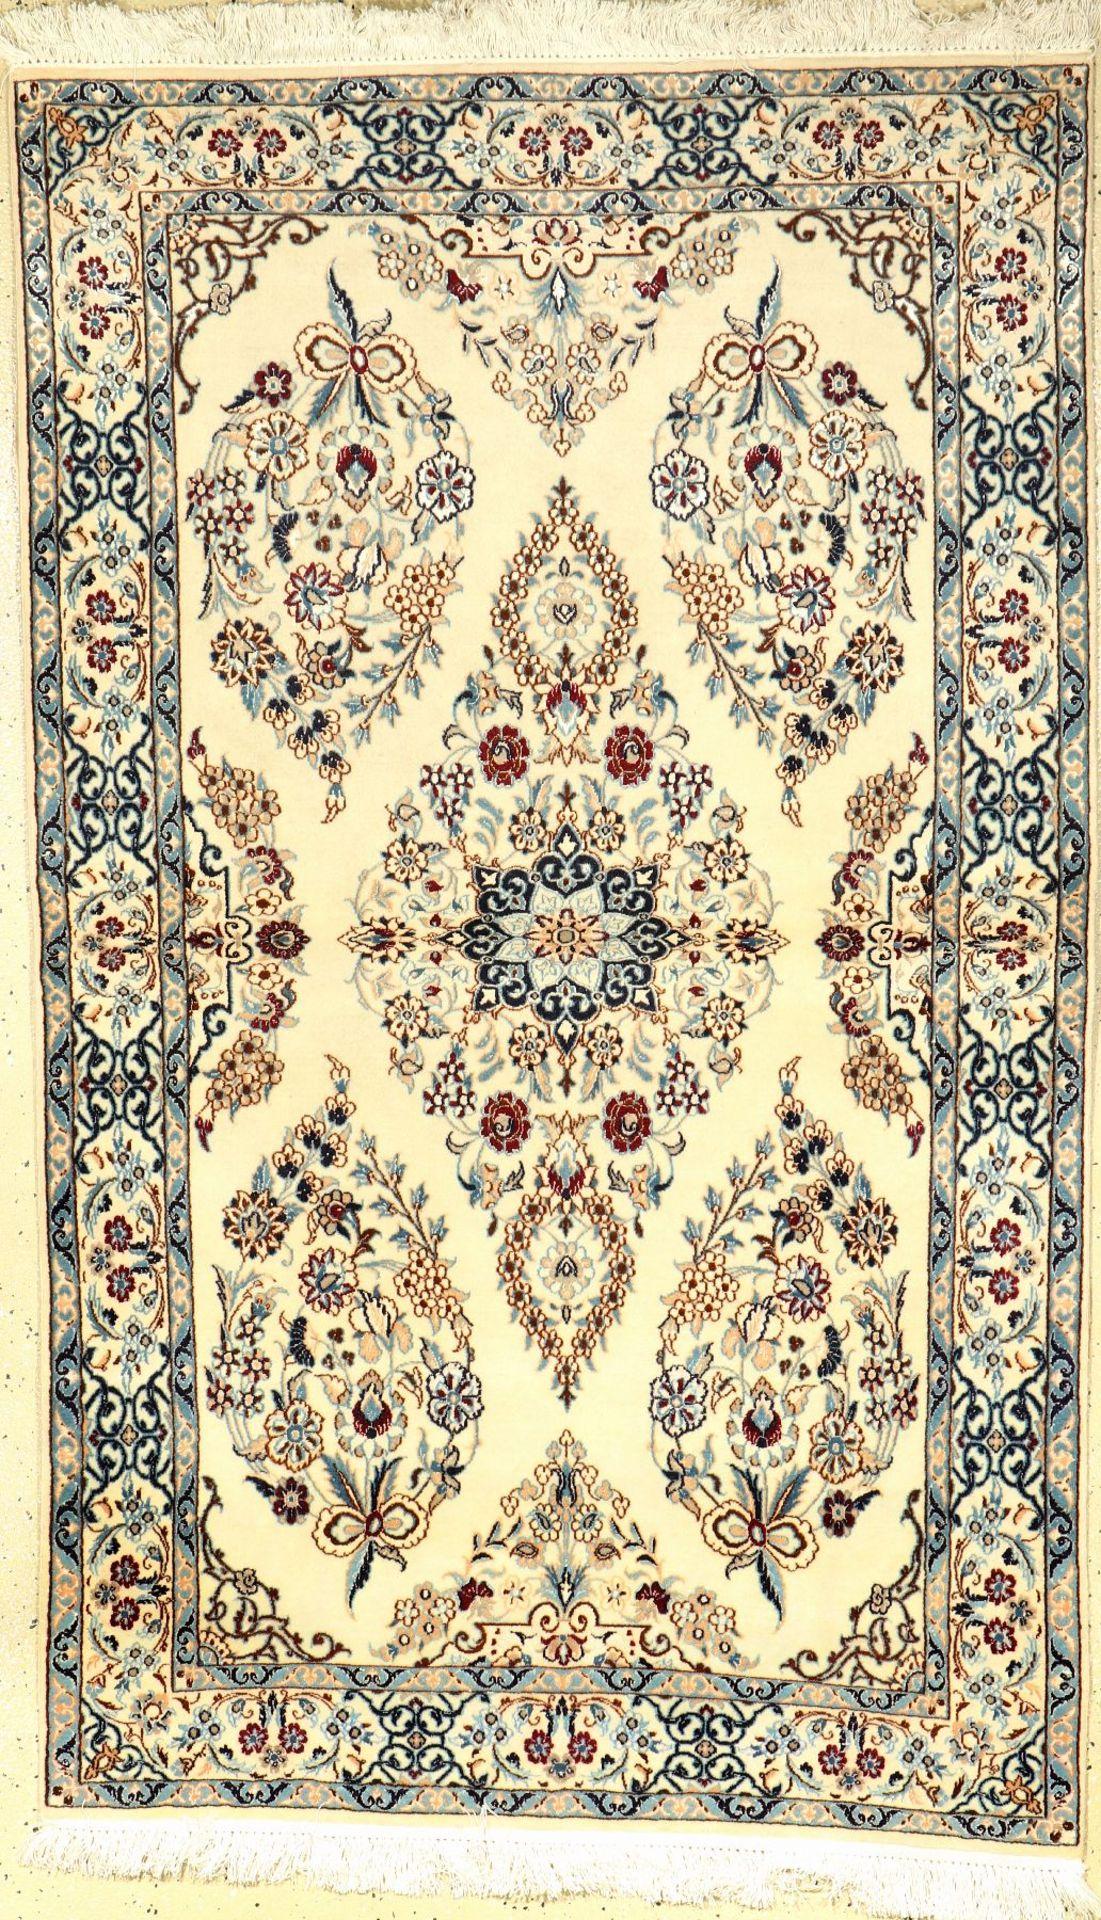 Nain fein (6LA Qualität), Persien, ca. 20 Jahre, Korkwolle mit Seide, ca. 163 x 100 cm, EHZ: 2Fine